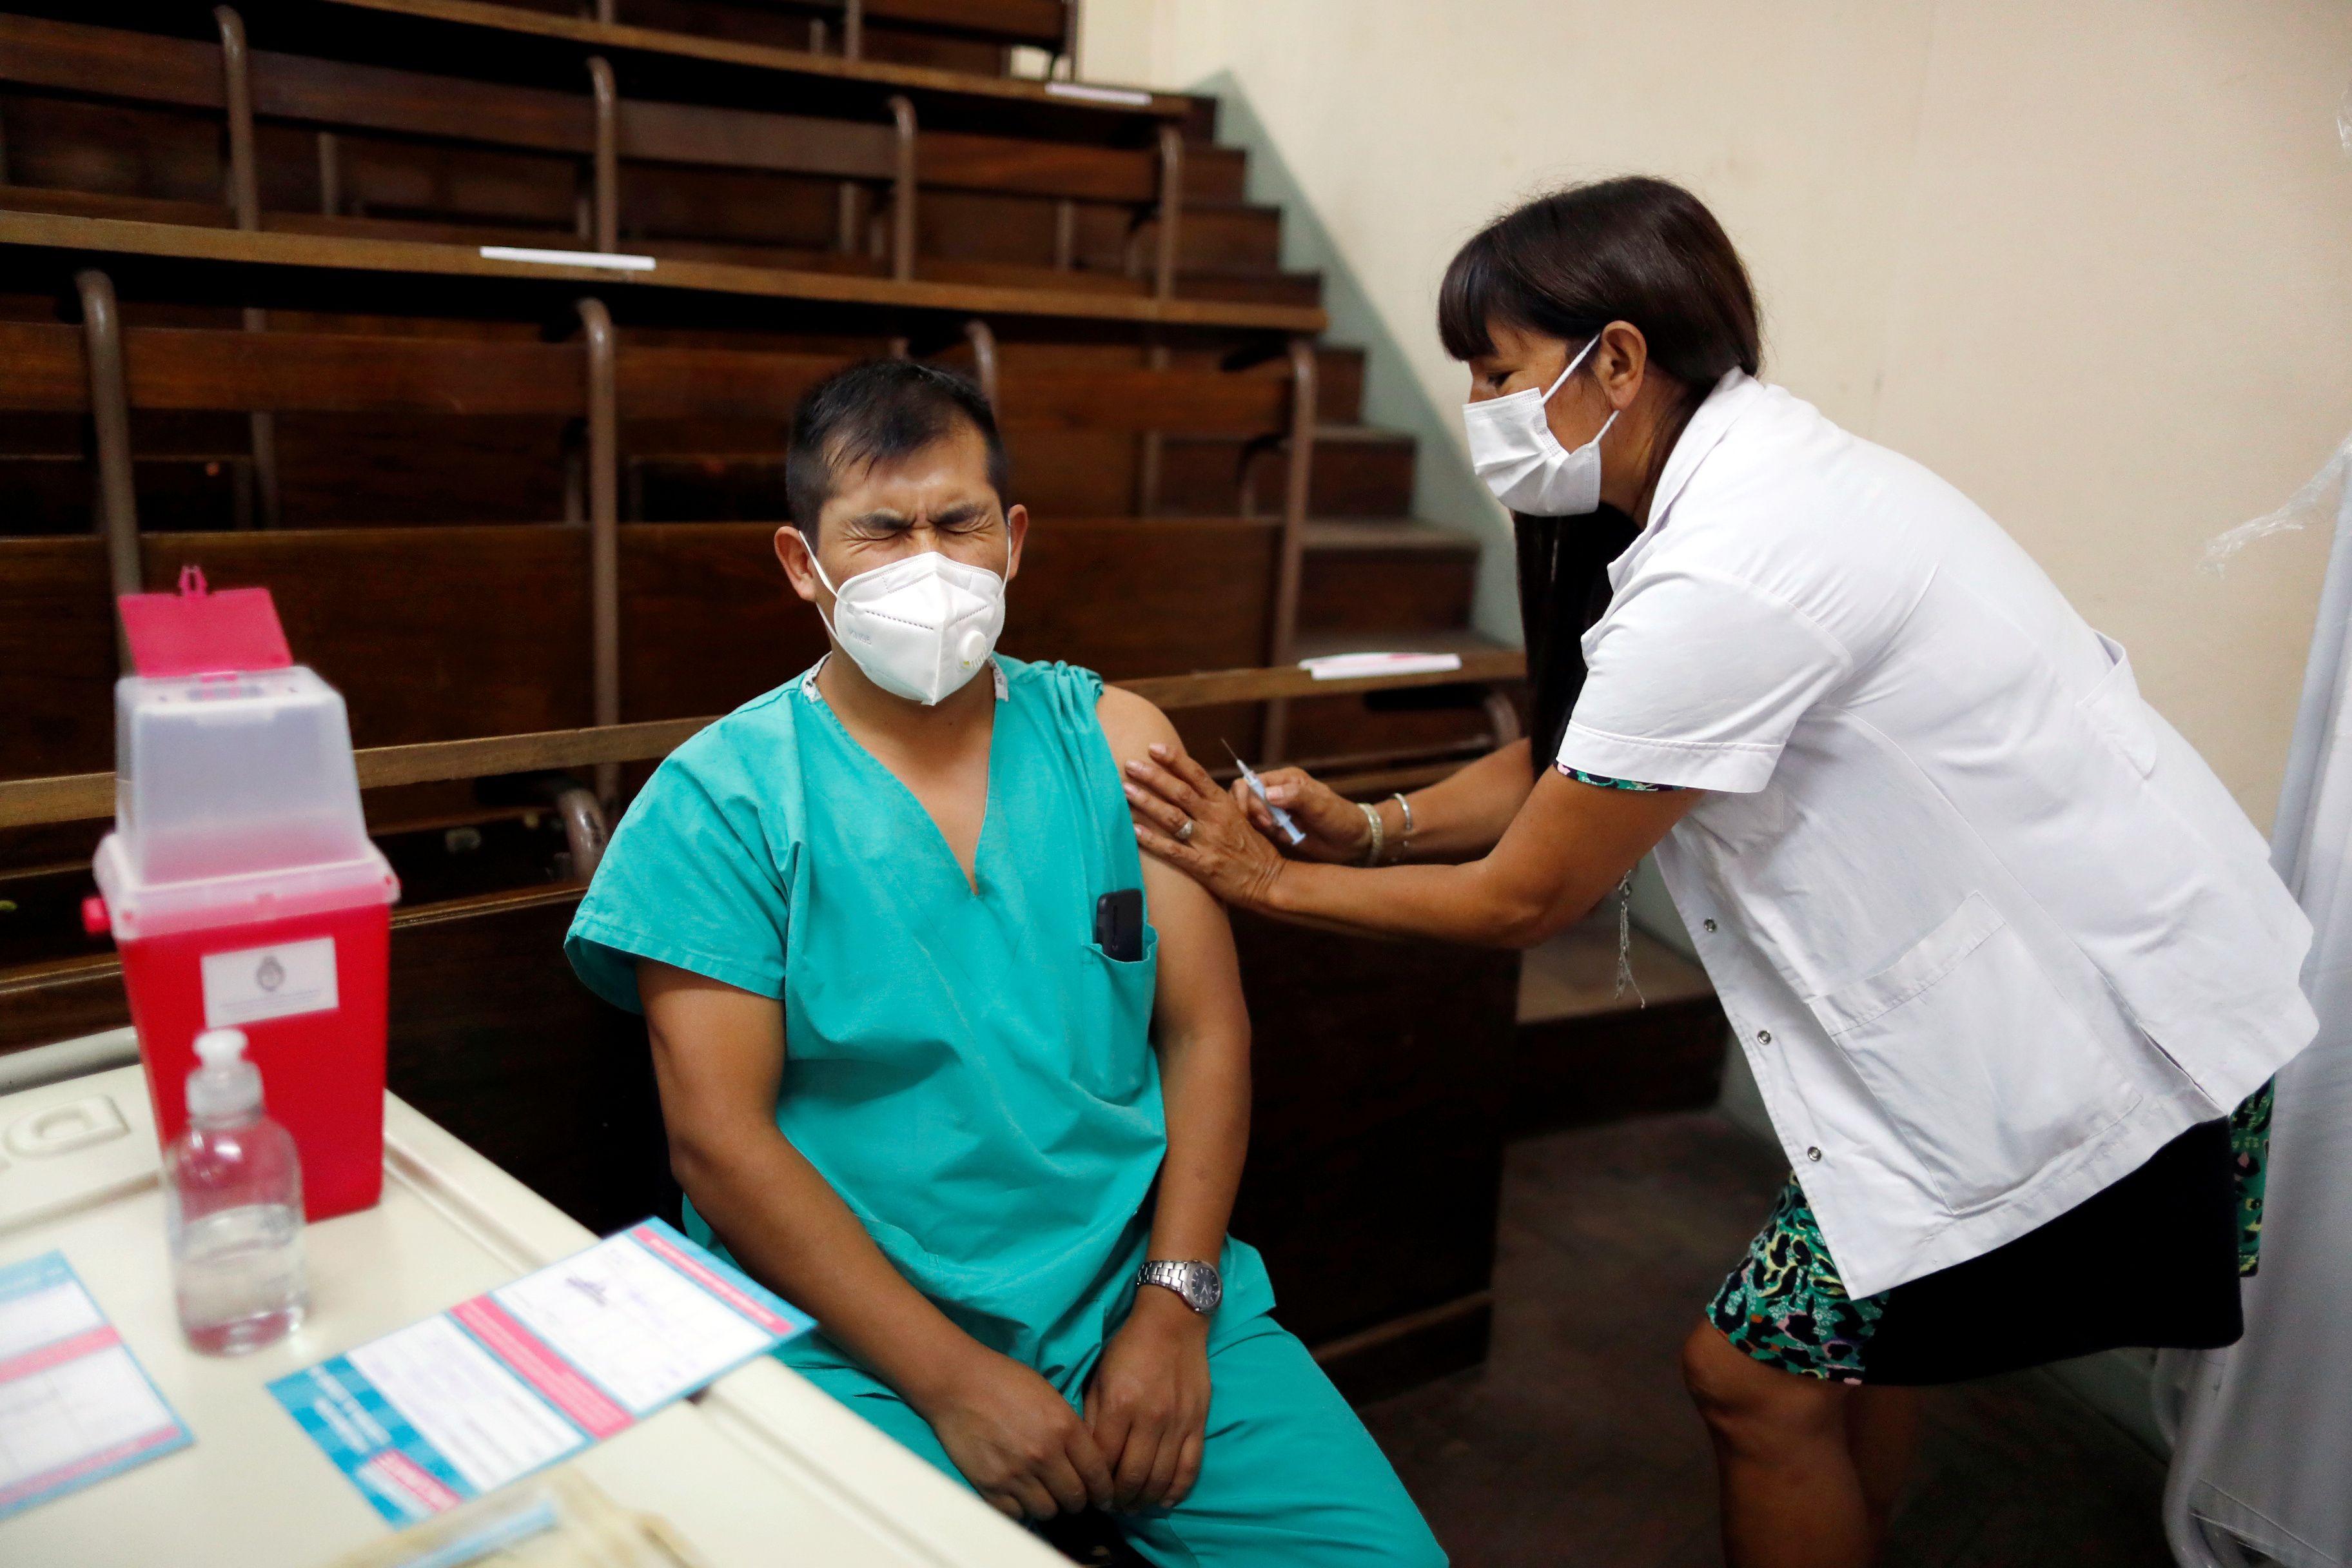 En diciembre, se había estimado en base al Registro Federal de Personal Sanitario que se iban a vacunar inicialmente 763.000 trabajadores de la salud en Argentina REUTERS/Agustin Marcarian